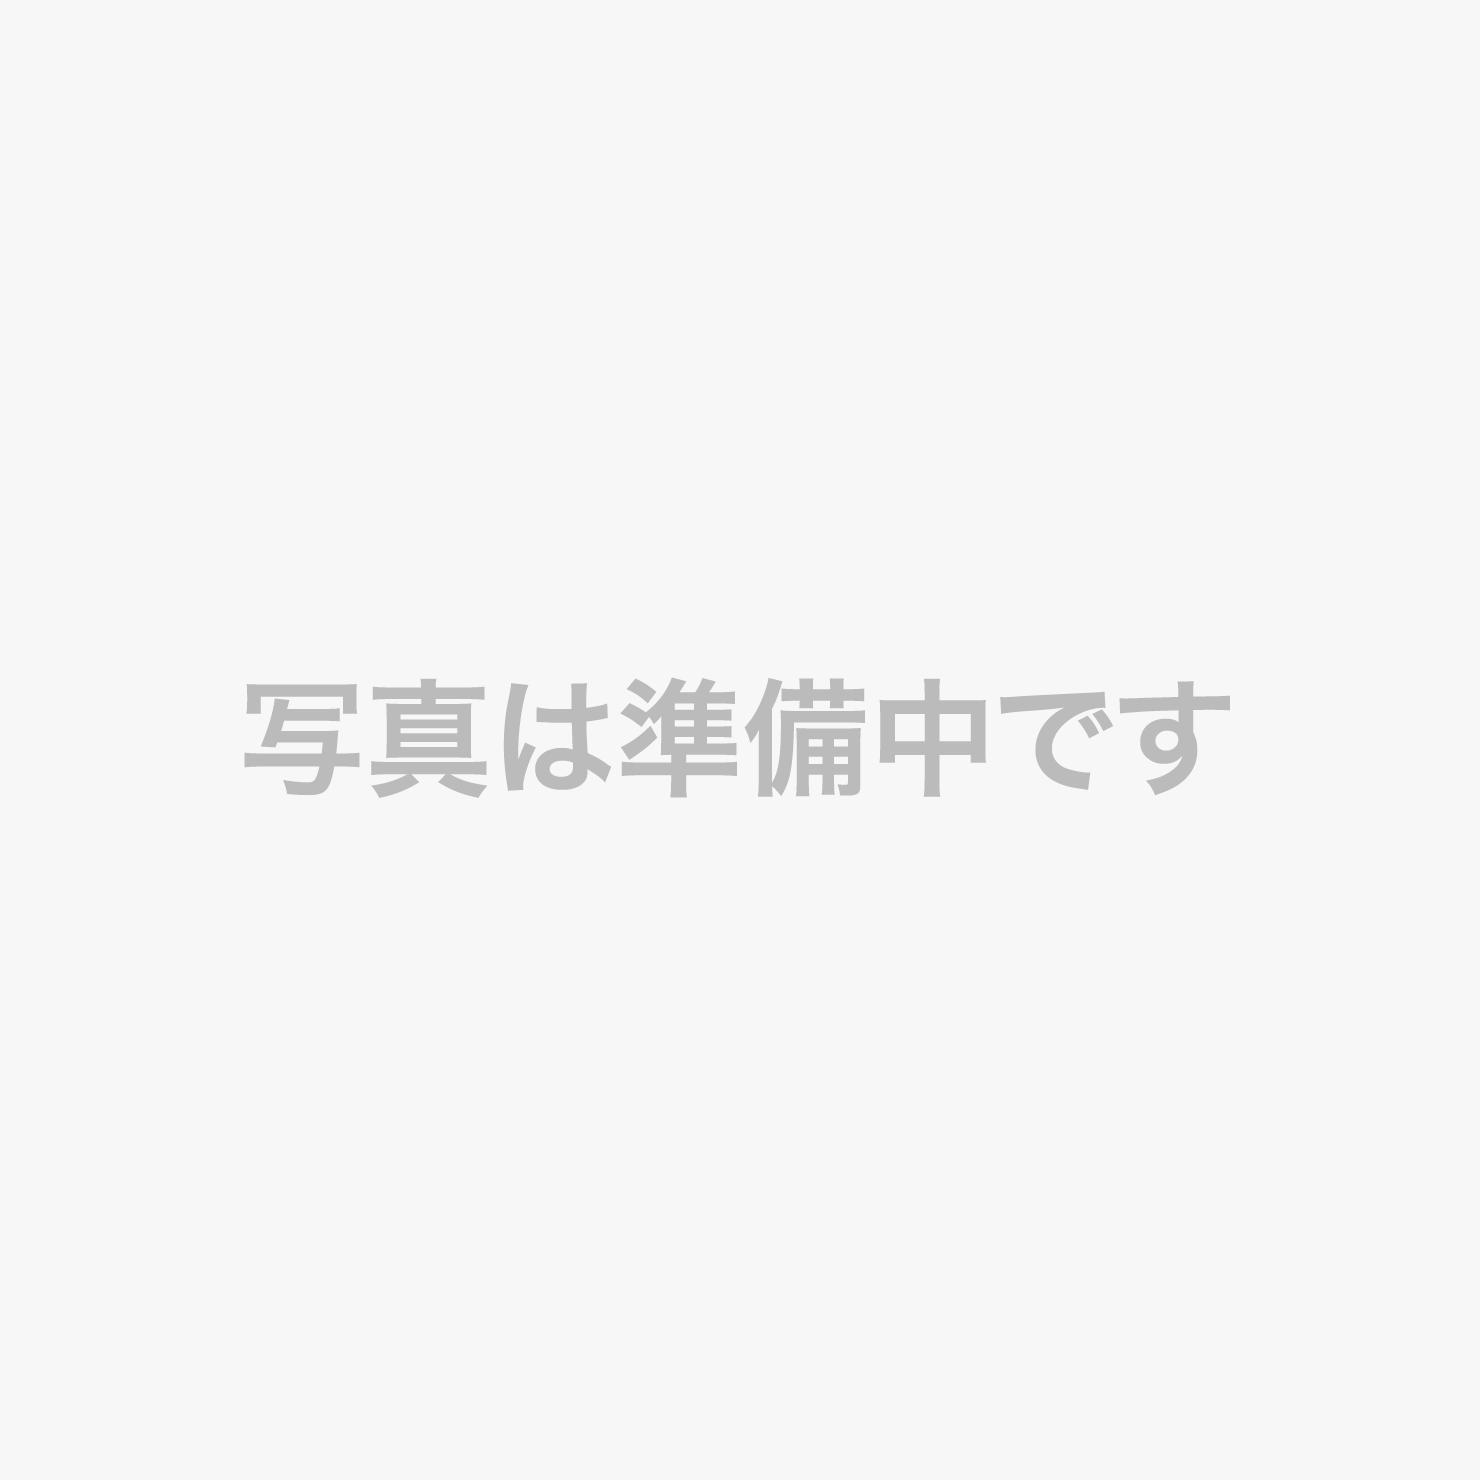 栃木県産ゆめポークや栃木県産コシヒカリなど自慢の食材を取り入れた会席料理